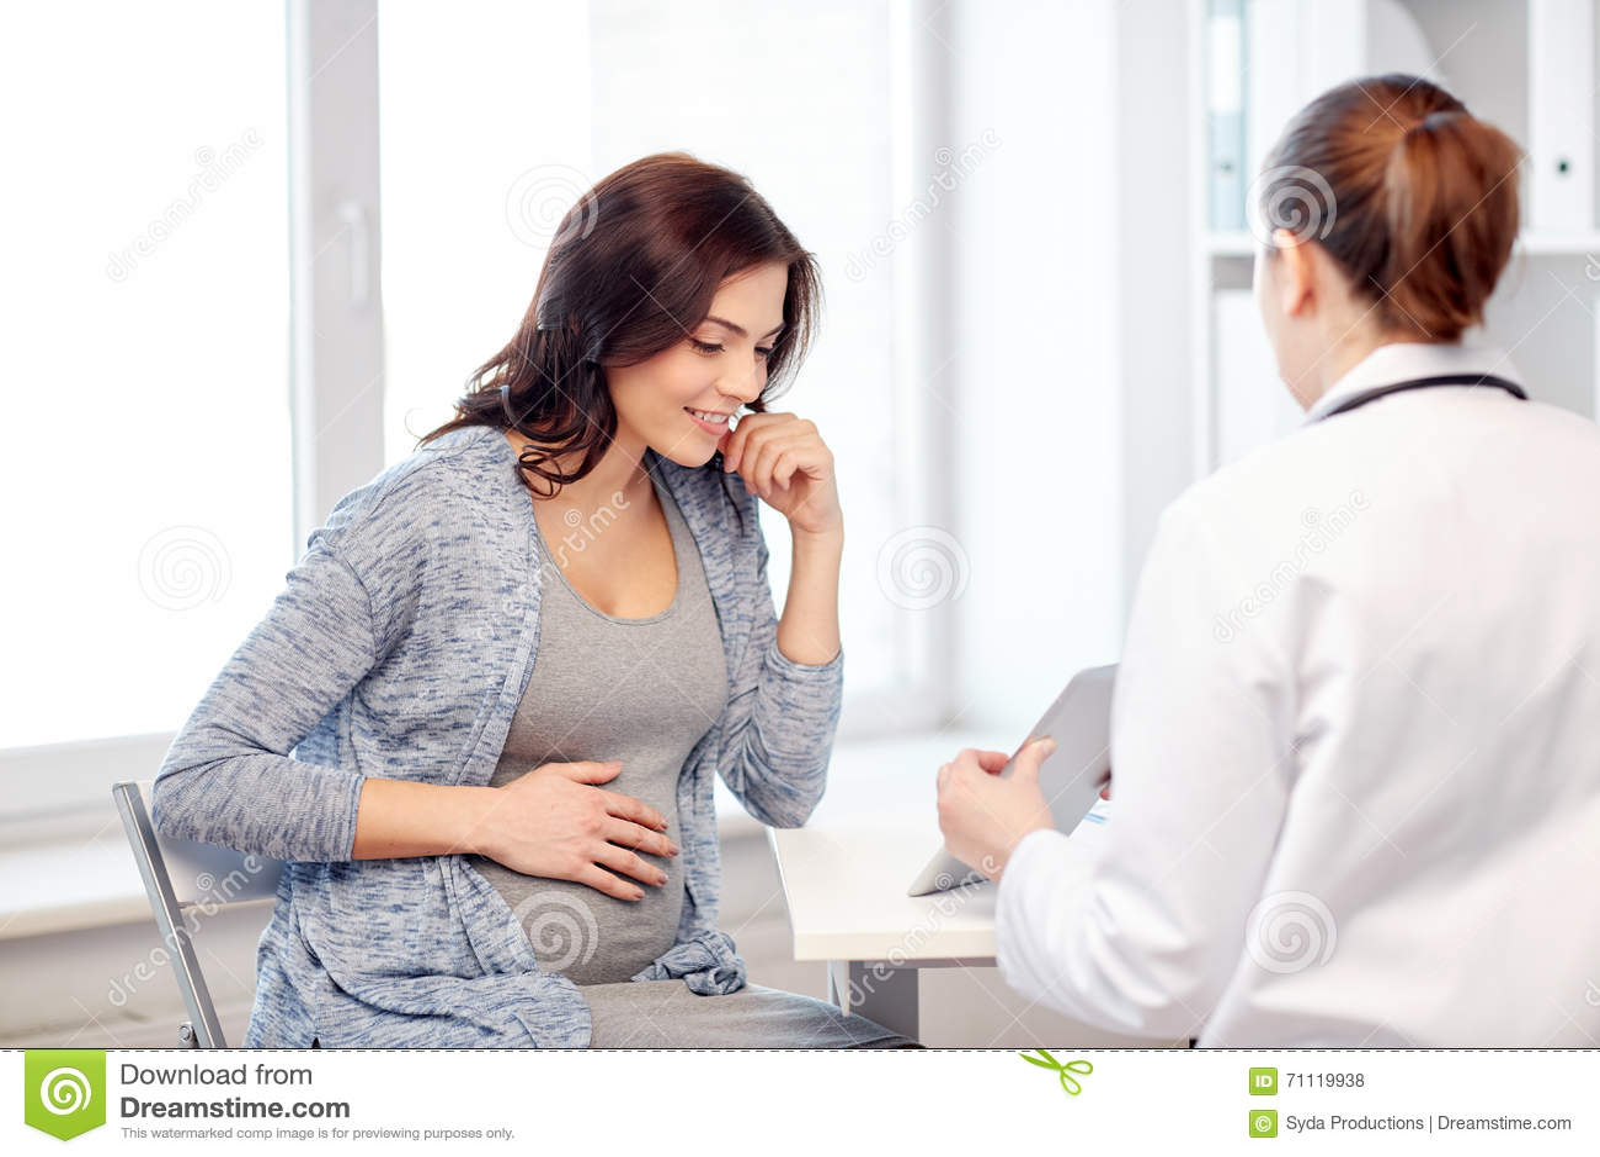 Фото женщина у гинеколога, молодой трансик ебется видео